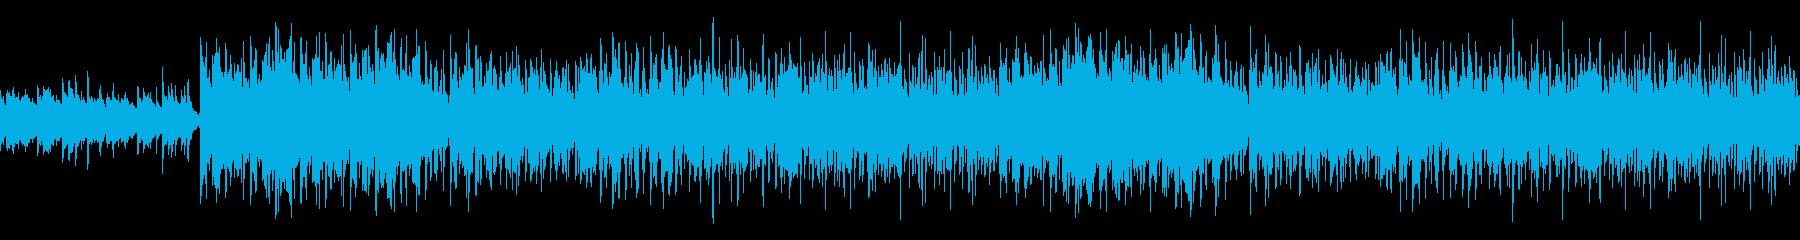 弦楽器とピアノが怪しげなポップスの再生済みの波形